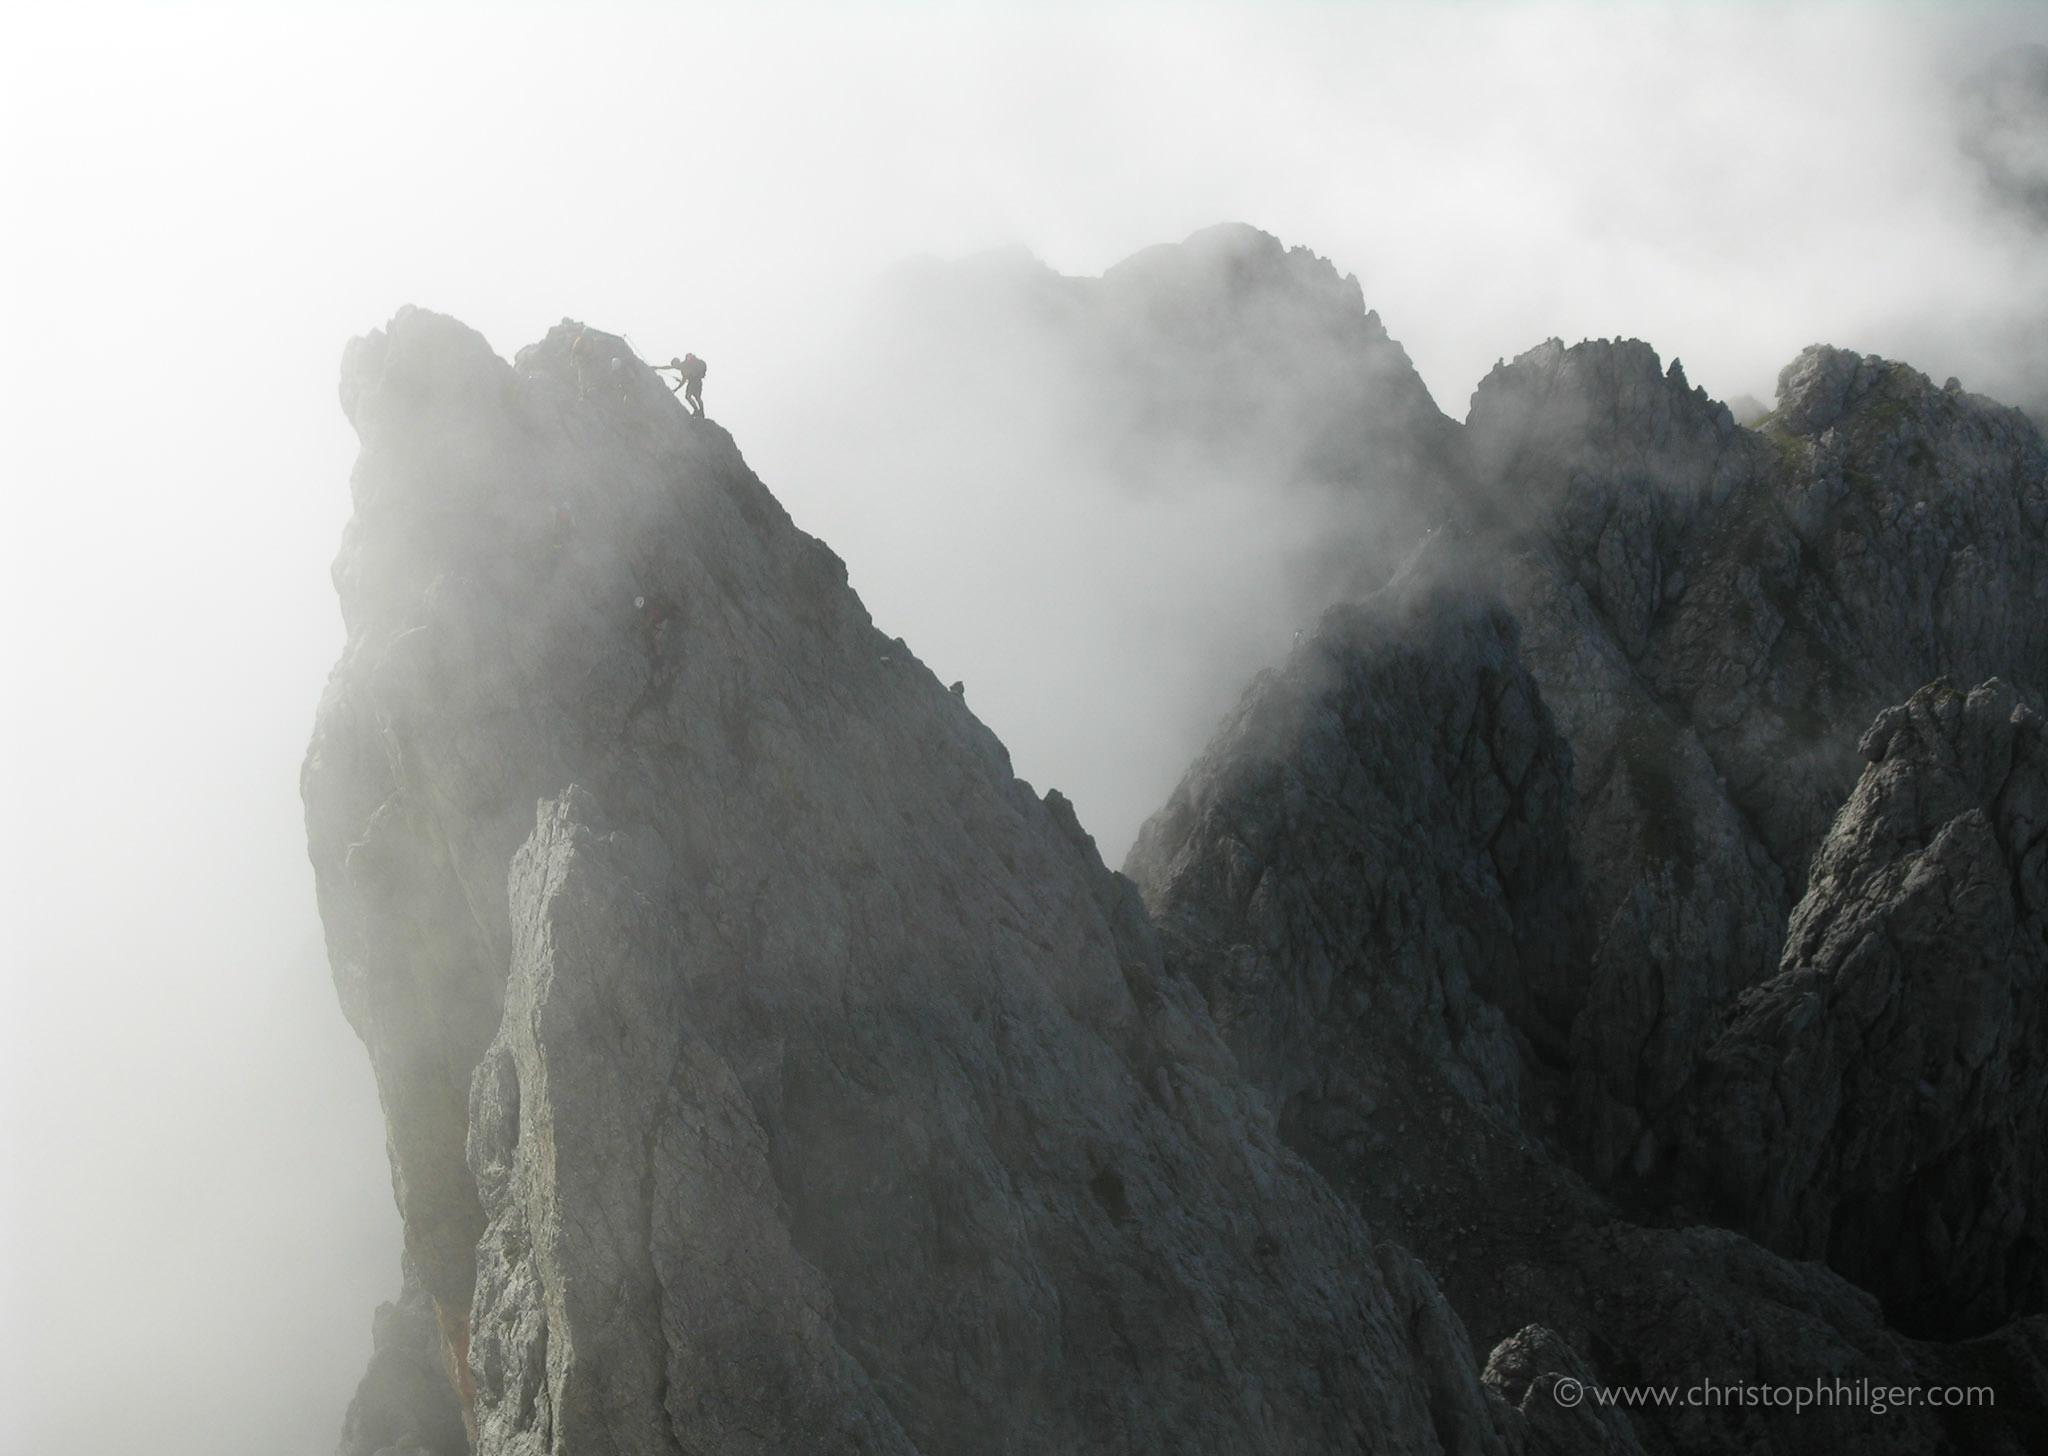 Bergsteiger im Nebel am Königsjodler-Klettersteig, Österreich